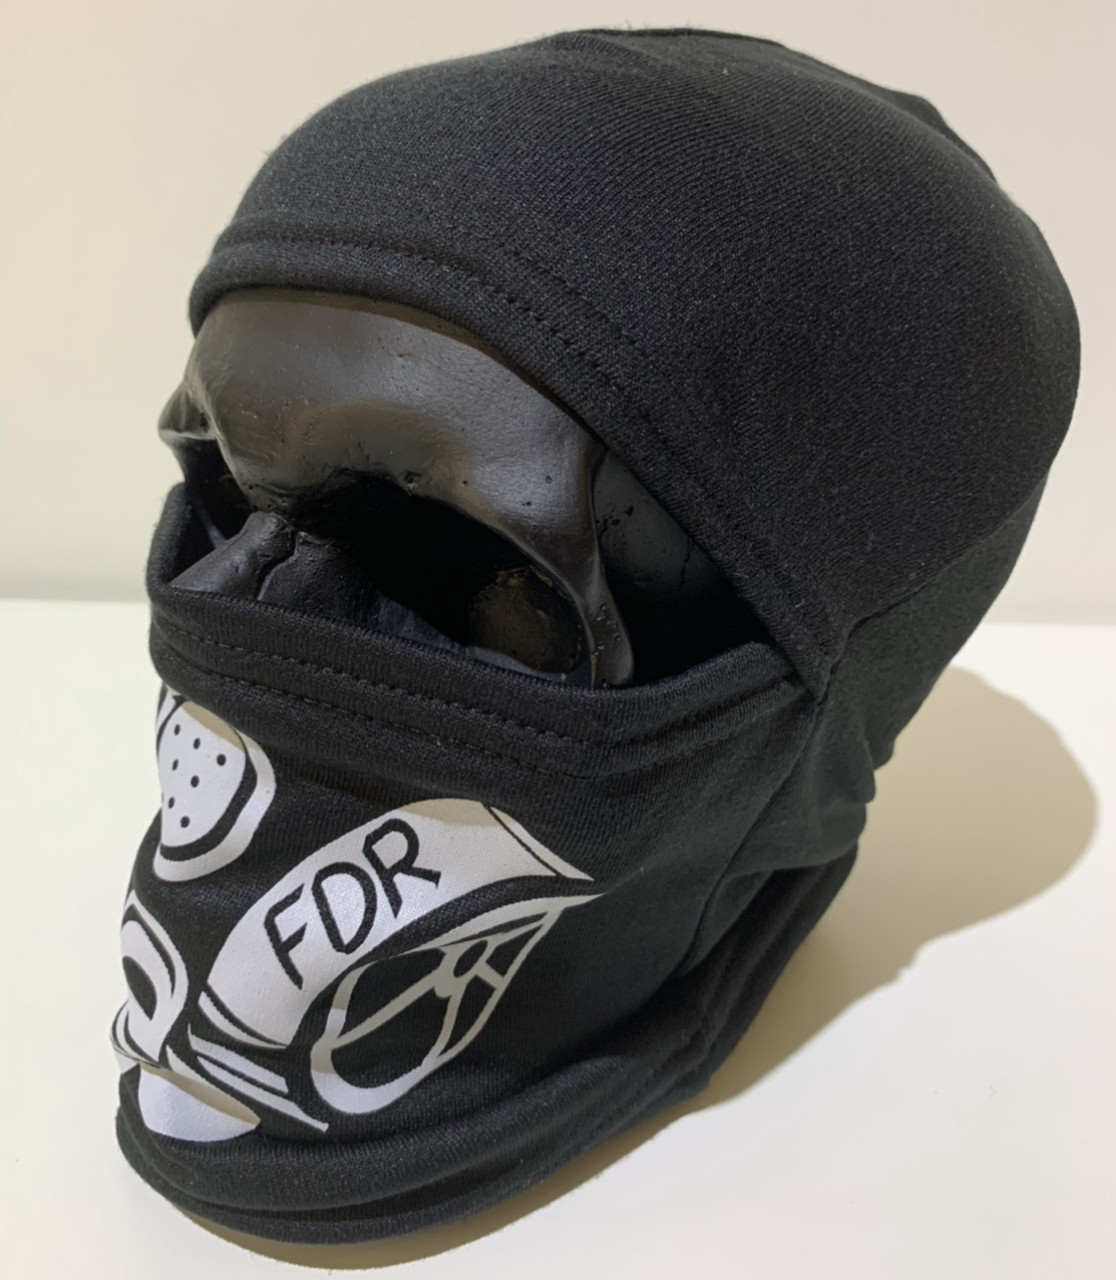 Балаклава сталкер (Stalker) FDR черная